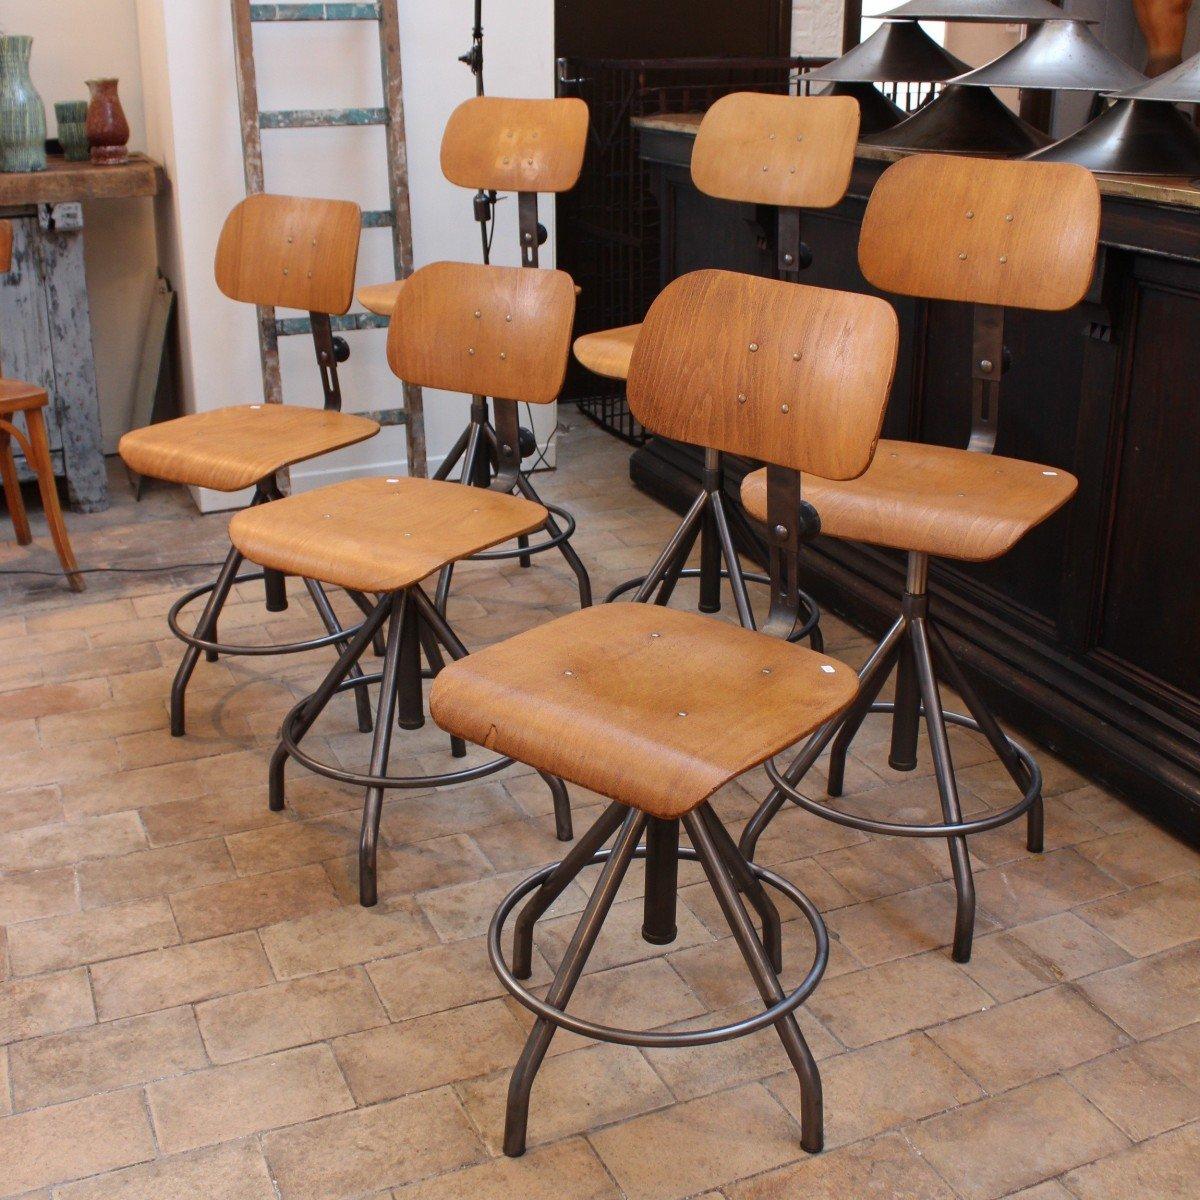 chaise vintage industrielles par bao en vente sur pamono. Black Bedroom Furniture Sets. Home Design Ideas